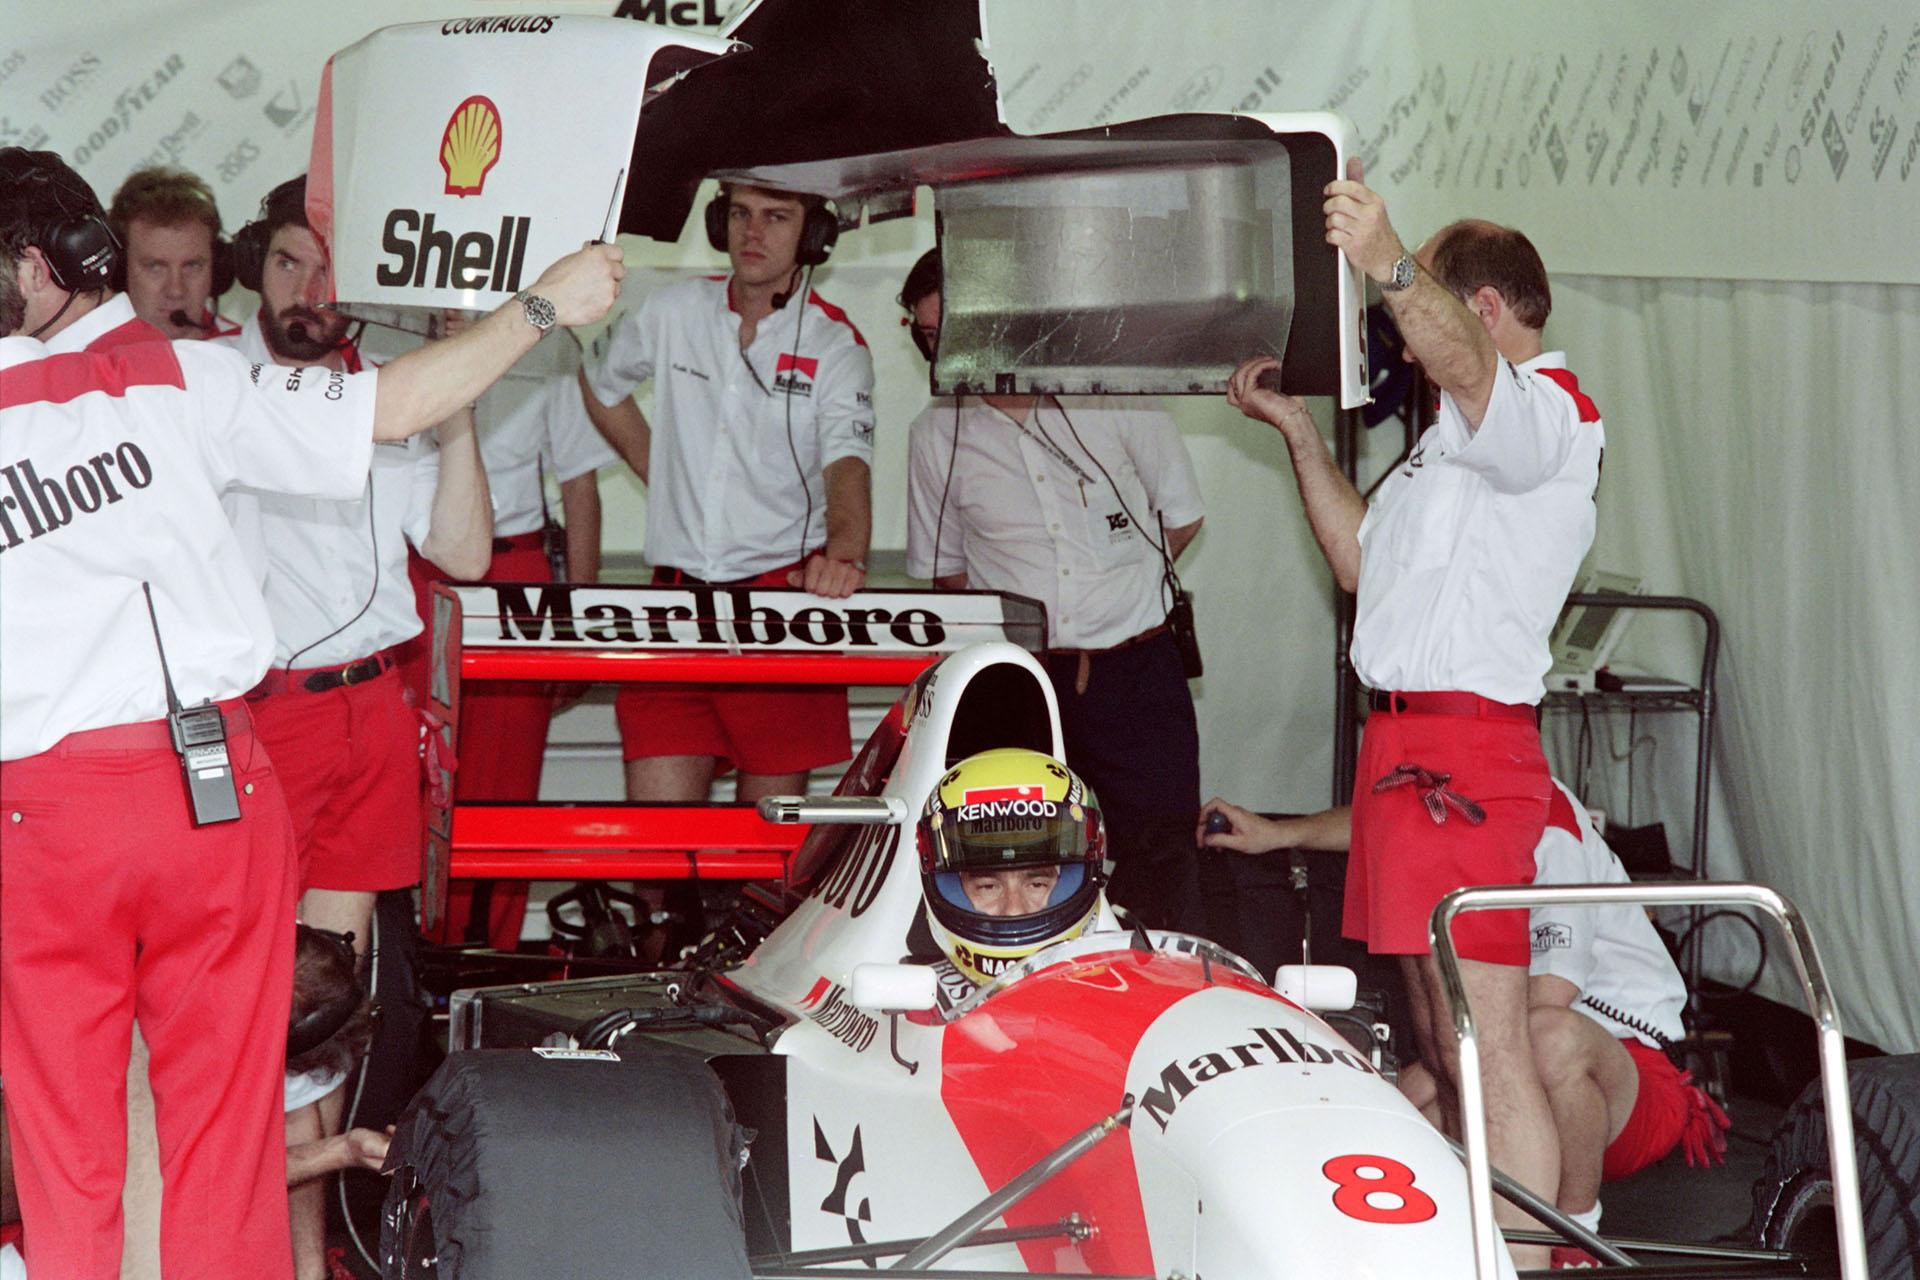 En marzo del 93, Senna estaba listo para salir a pista en los entrenamientos del GP de Brasil